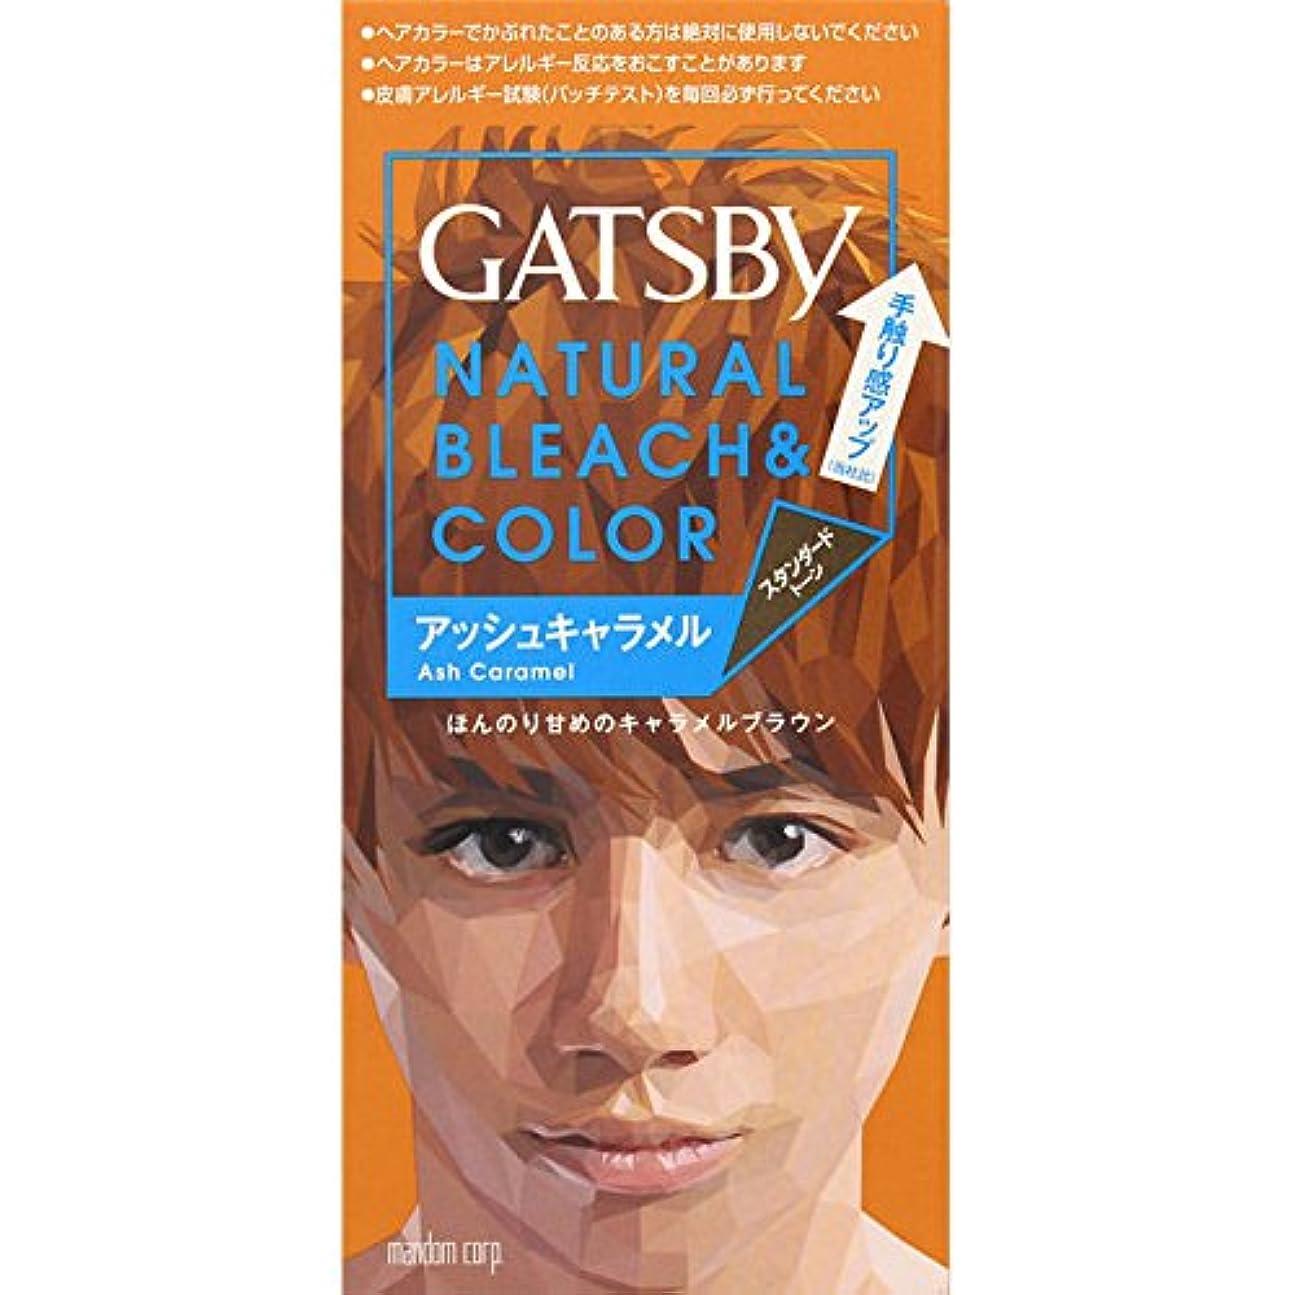 オンキャプテン再生的ギャツビー ナチュラルブリーチカラー (アッシュキャラメル)